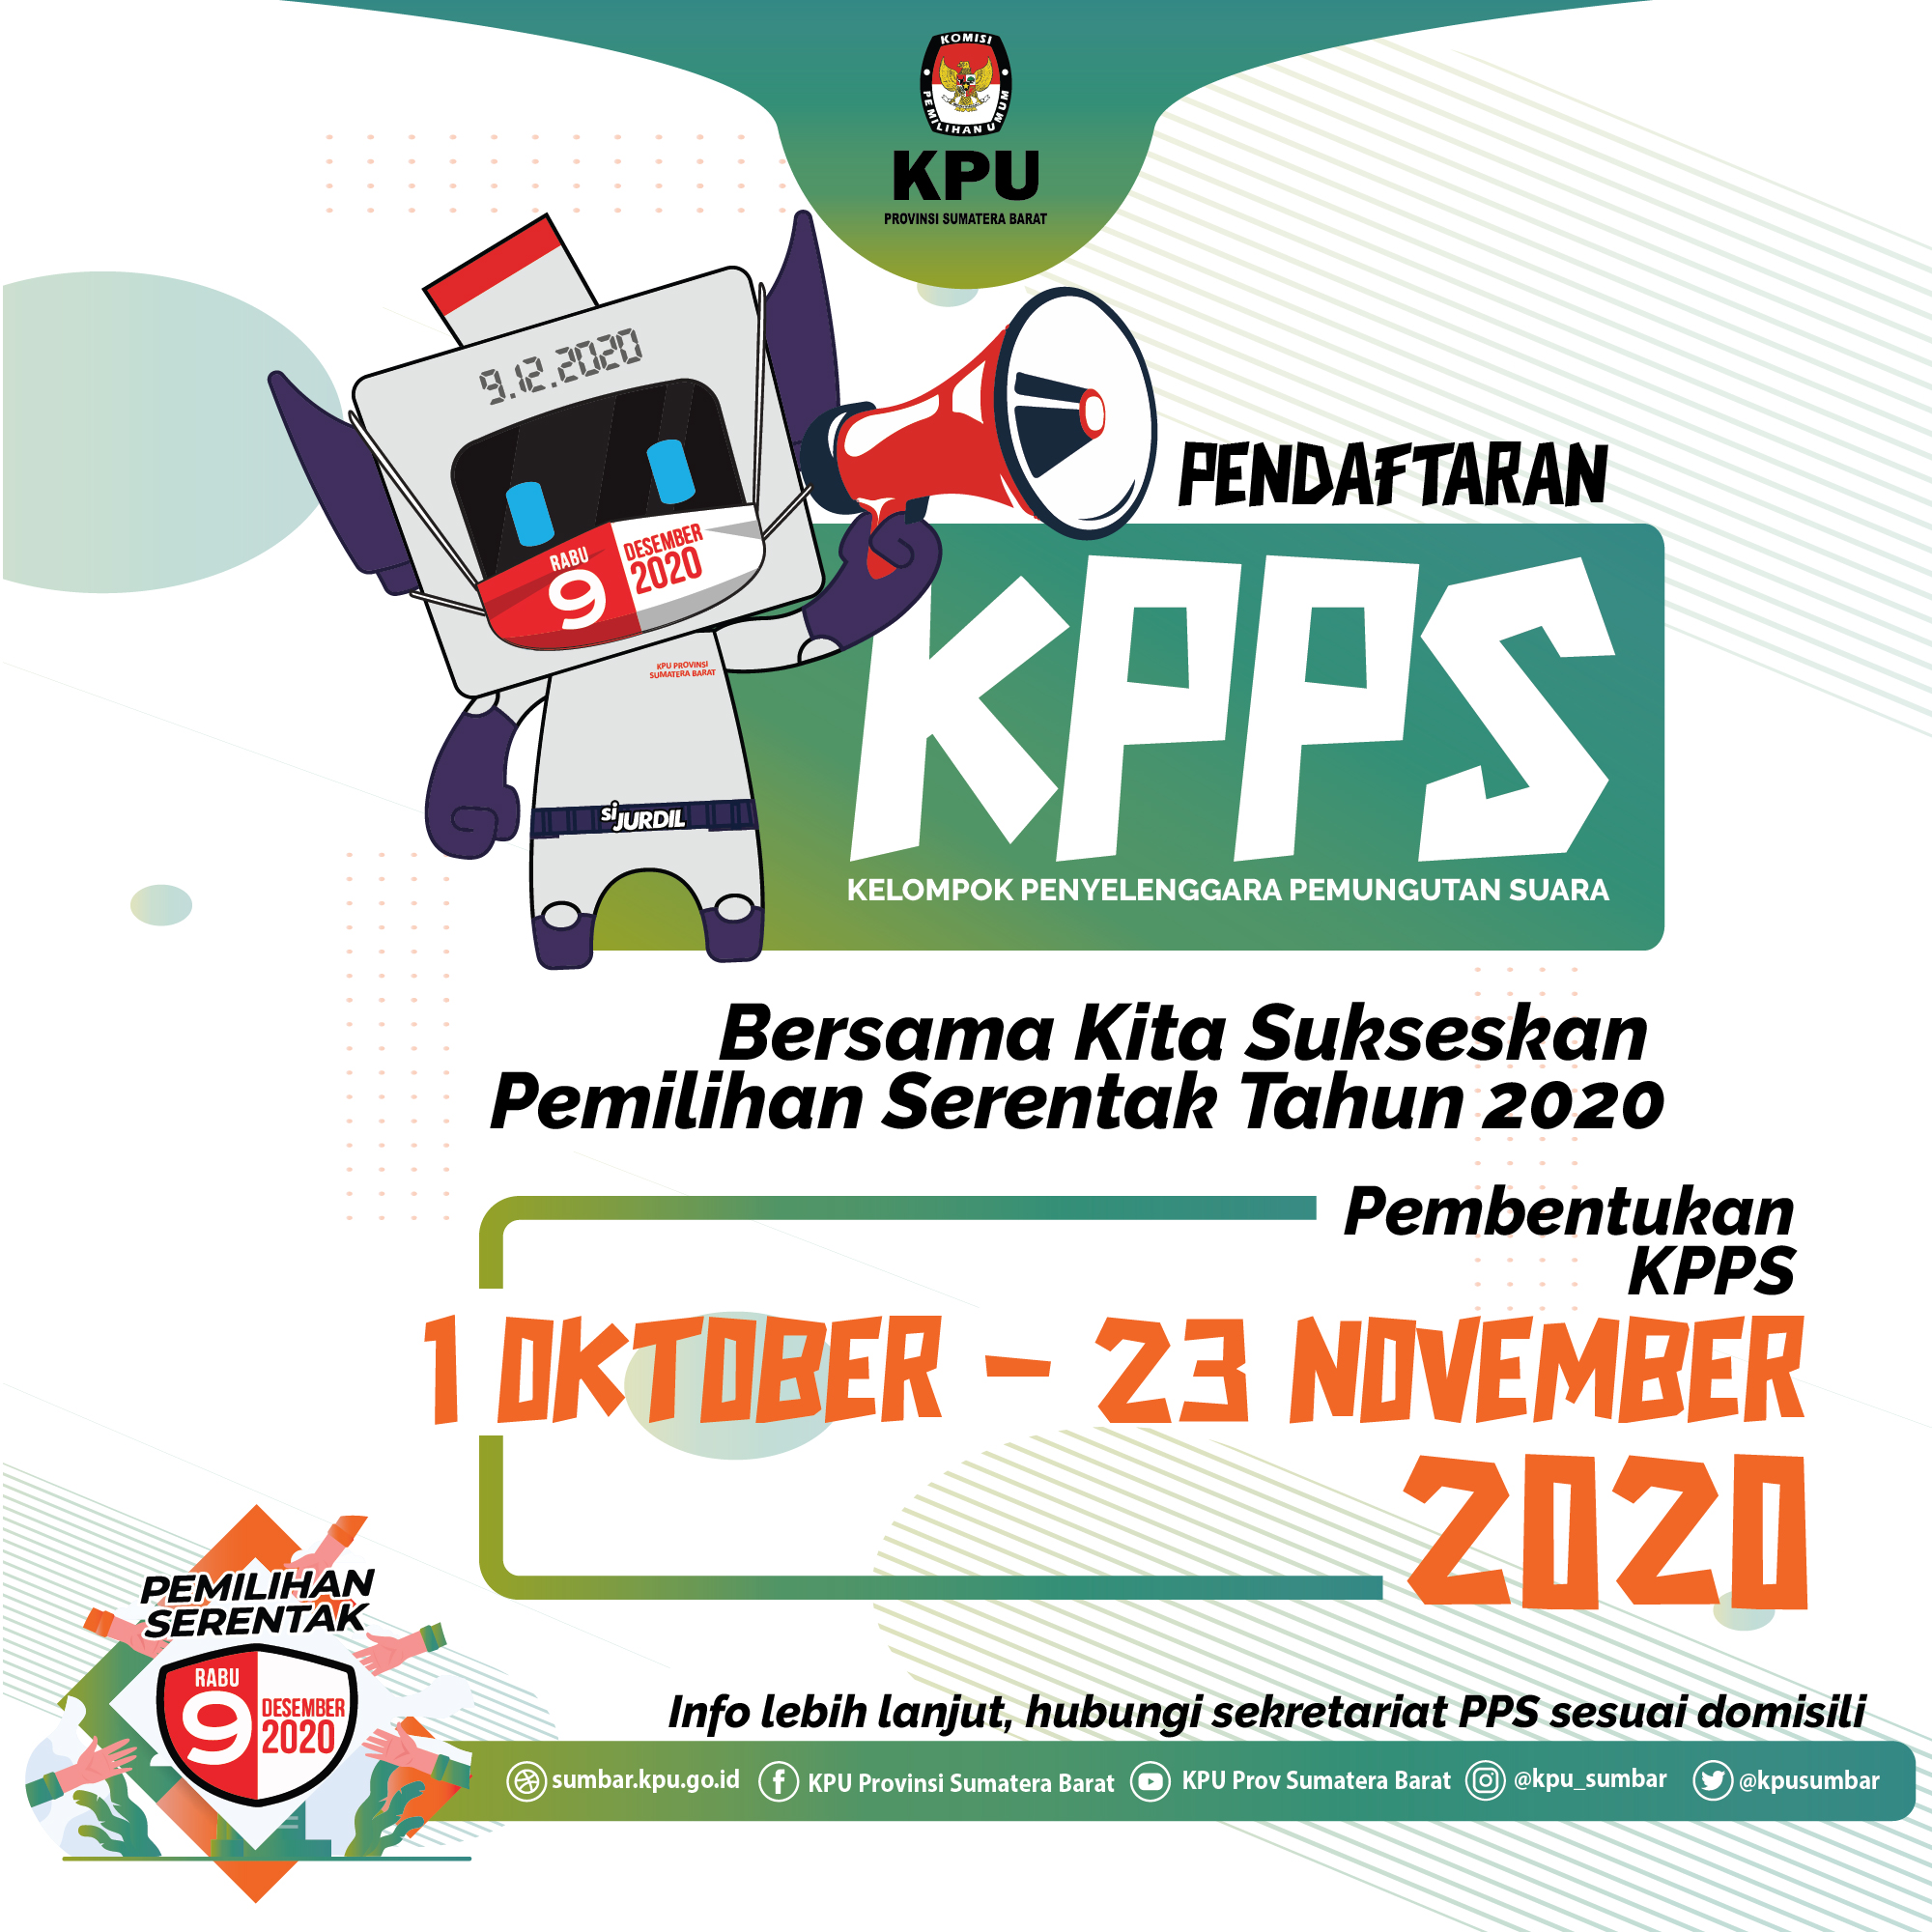 PENDAFTARAN KPPS PILKADA 2020